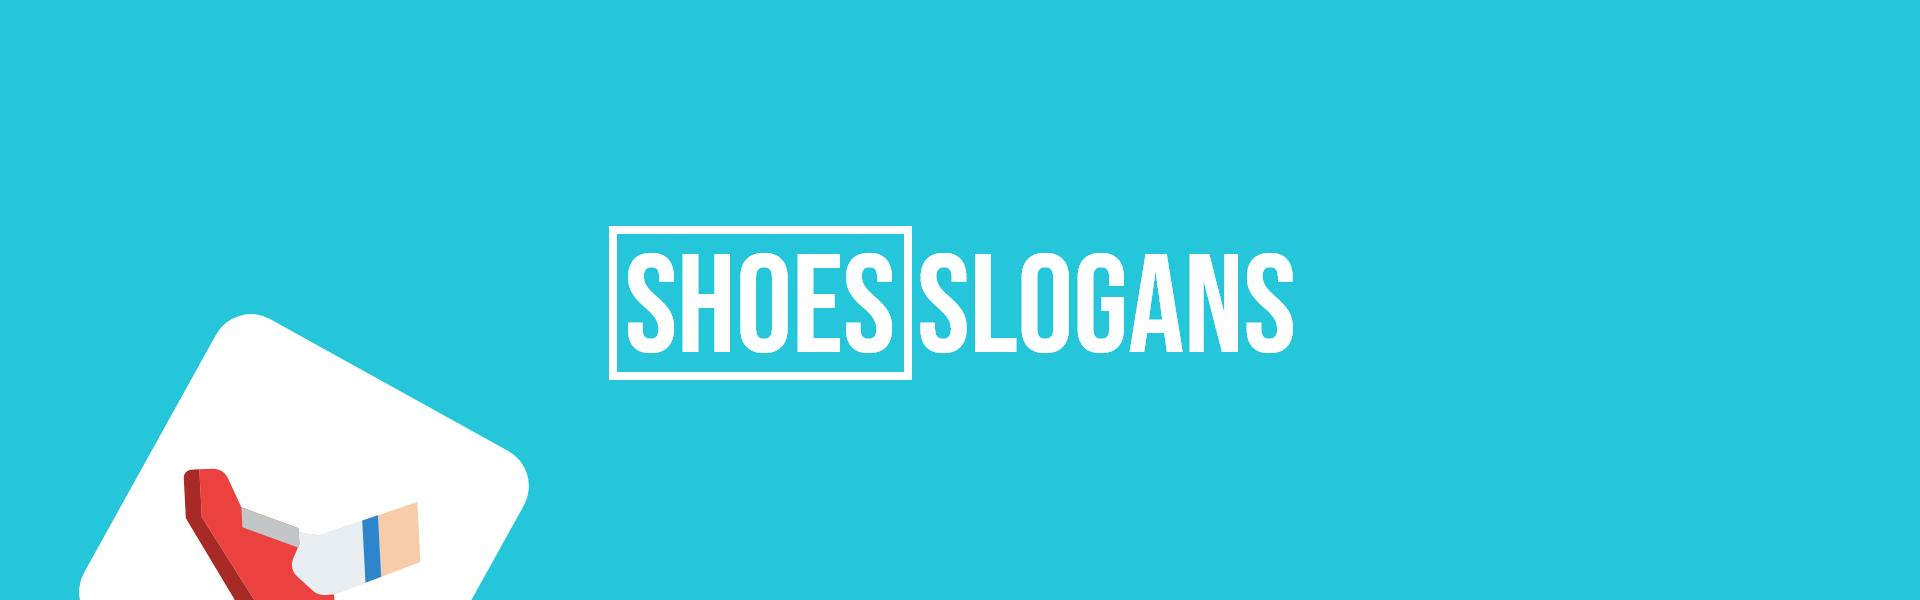 shoes slogans taglines